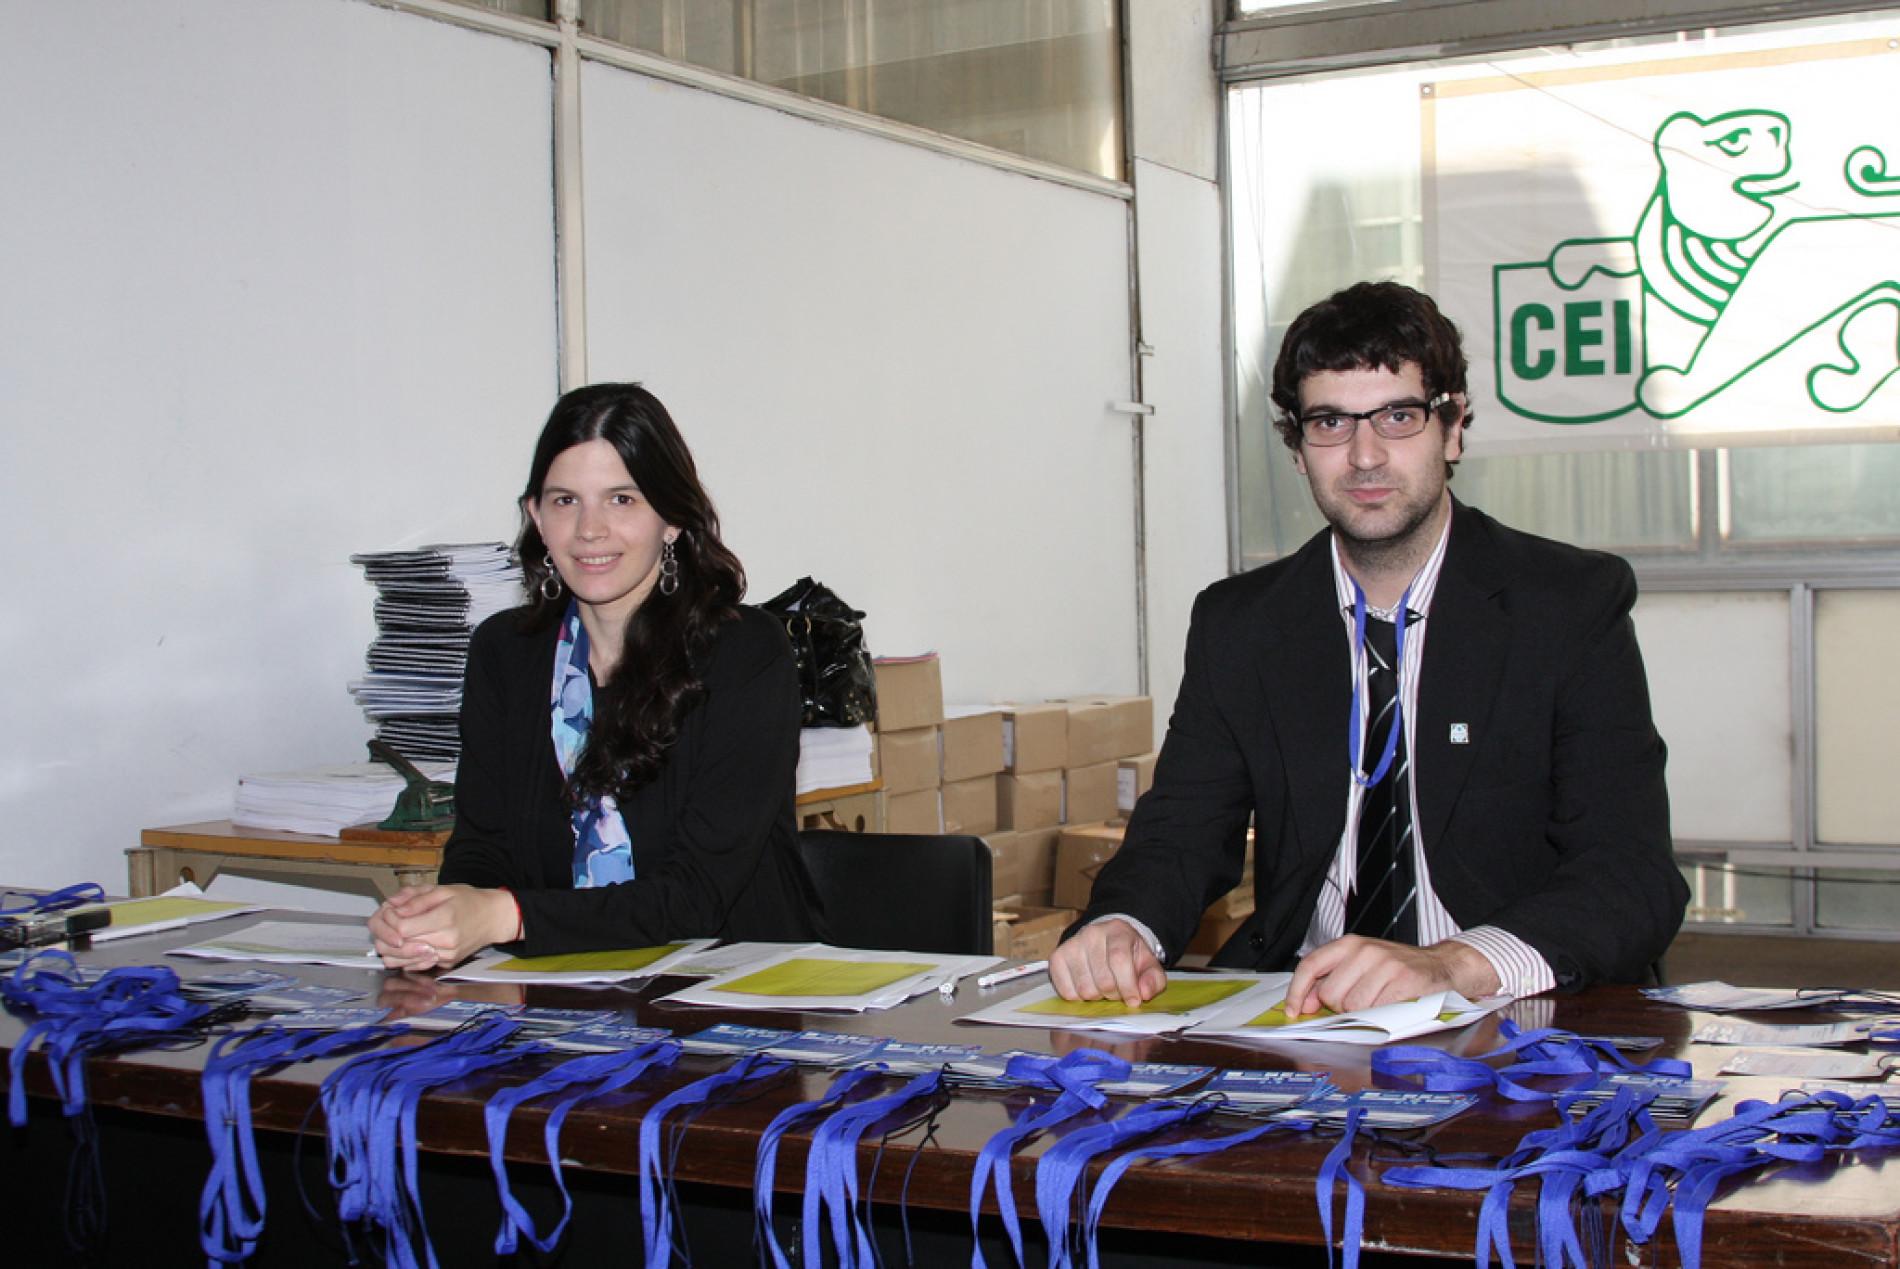 1er CONGRESO NACIONAL DE ACILTRHA «Próximos escenarios de las Relaciones Laborales» Un panorama del diálogo social desde la Empresa, el Sindicato y el Estado para los próximos 4 años | 2011